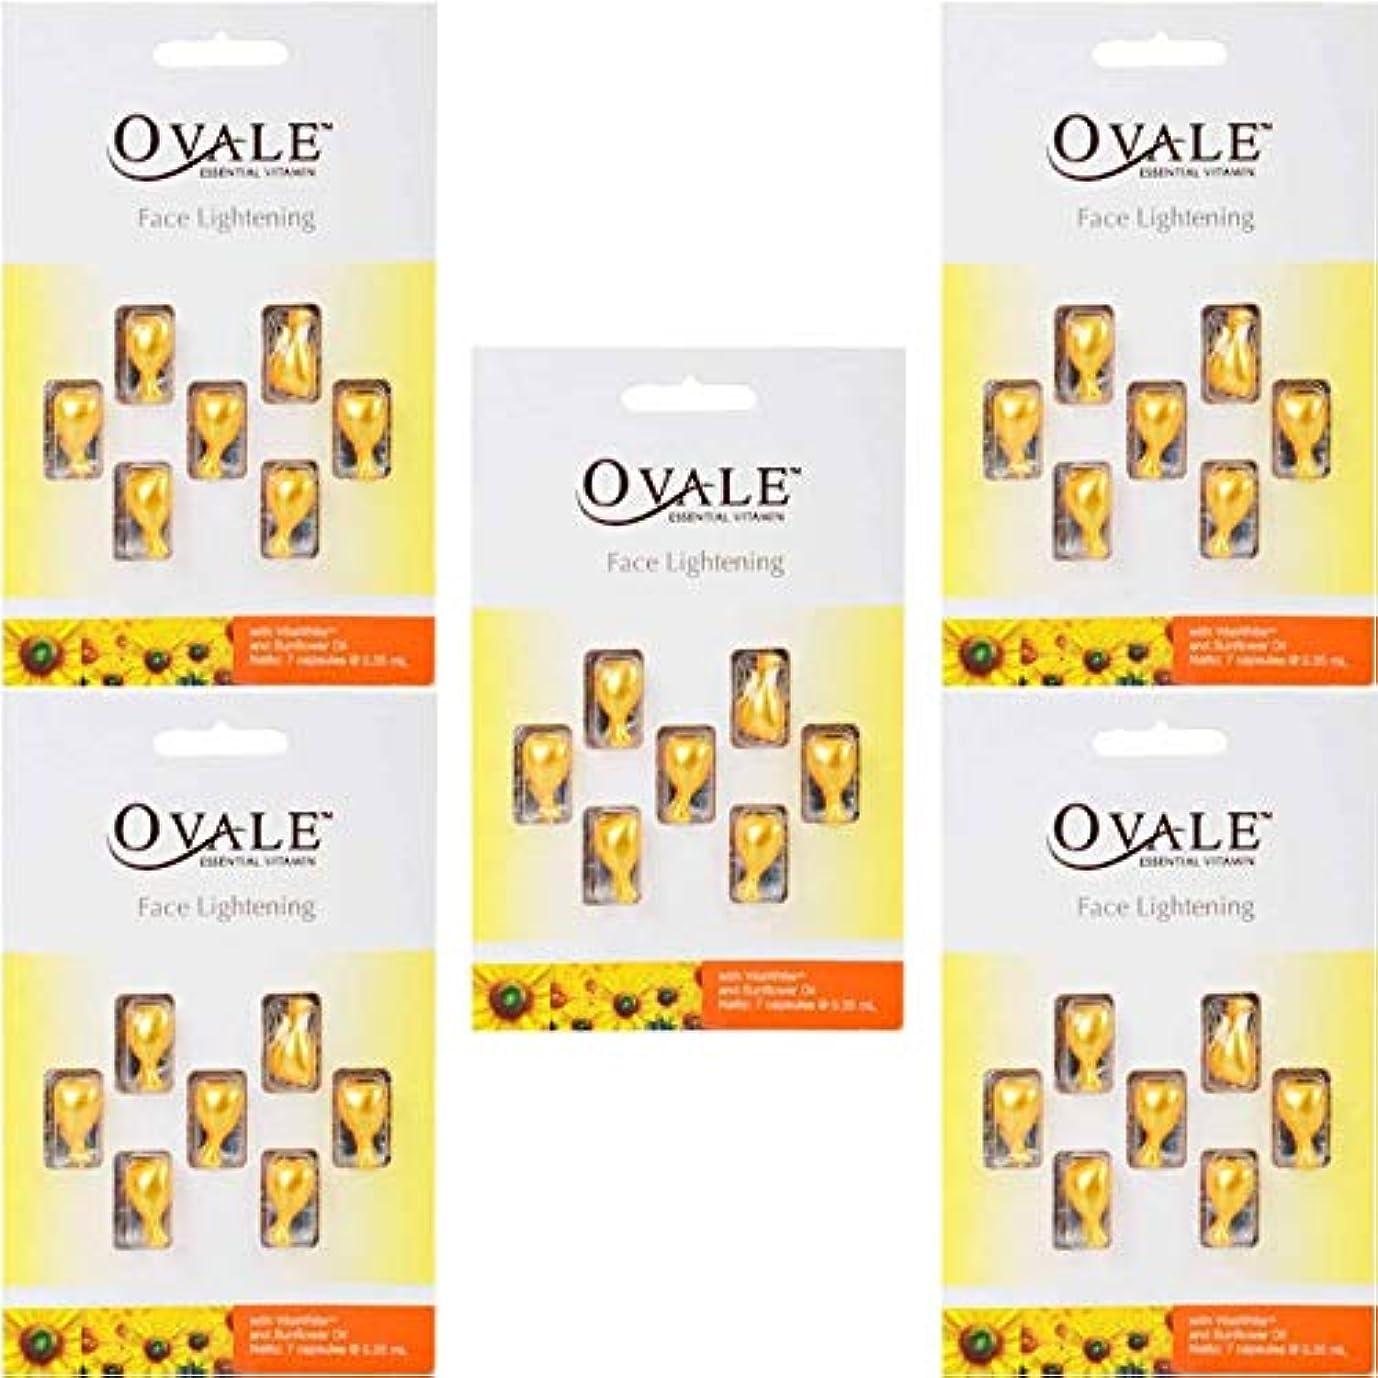 性能食事を調理する意図Ovale オーバル フェイシャル美容液 essential vitamin エッセンシャルビタミン 7粒入シート×5枚セット サンフラワー [海外直送品]